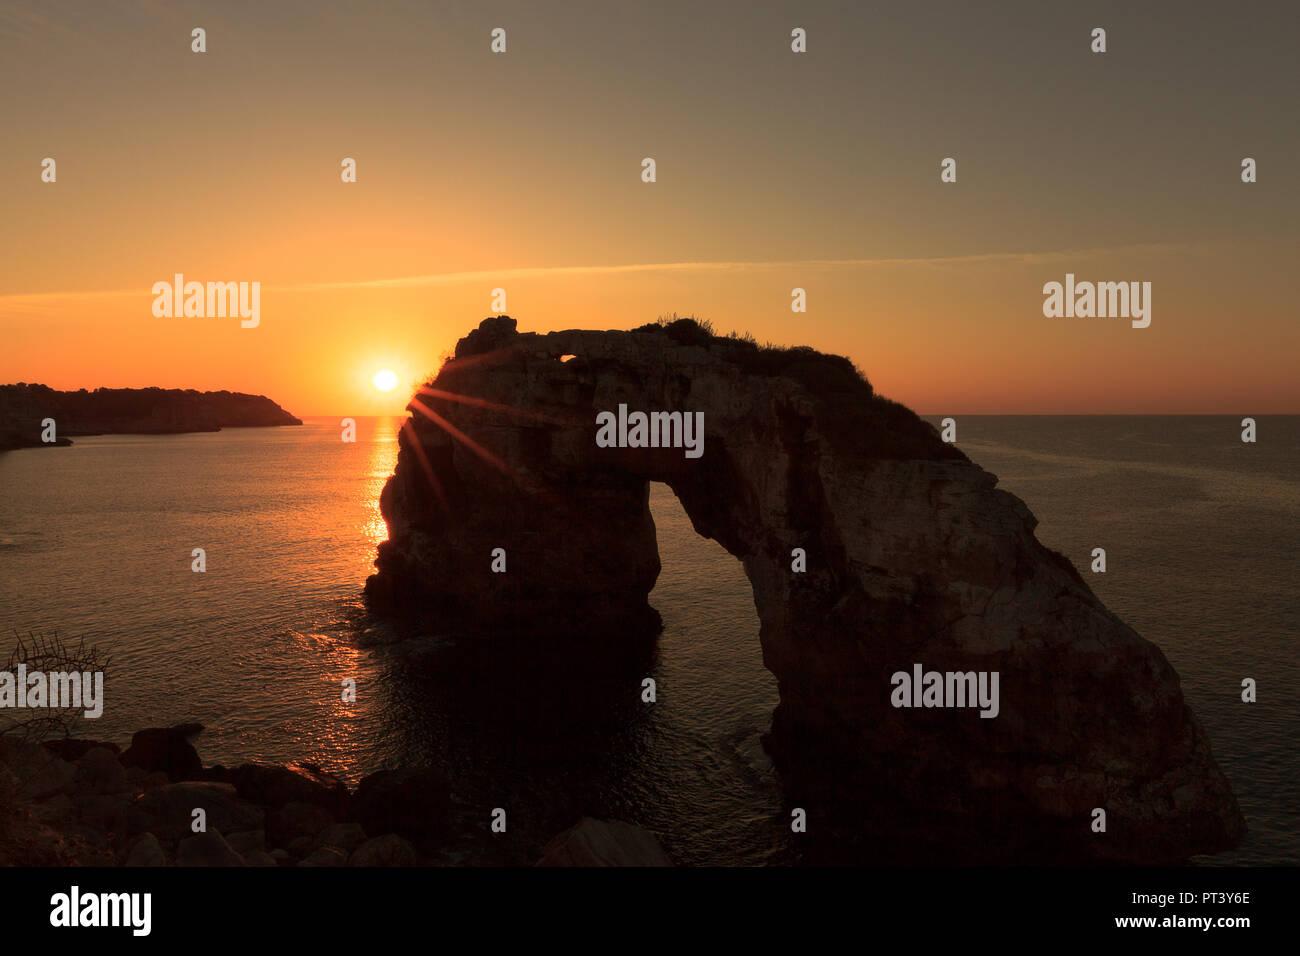 Europa Spanien Balearen Mallorca Südküste Santanyi - der Felsen Es Pontas bei Sonnenaufgang mit Lichtreflektion im Wasser und Sonne - Stock Image